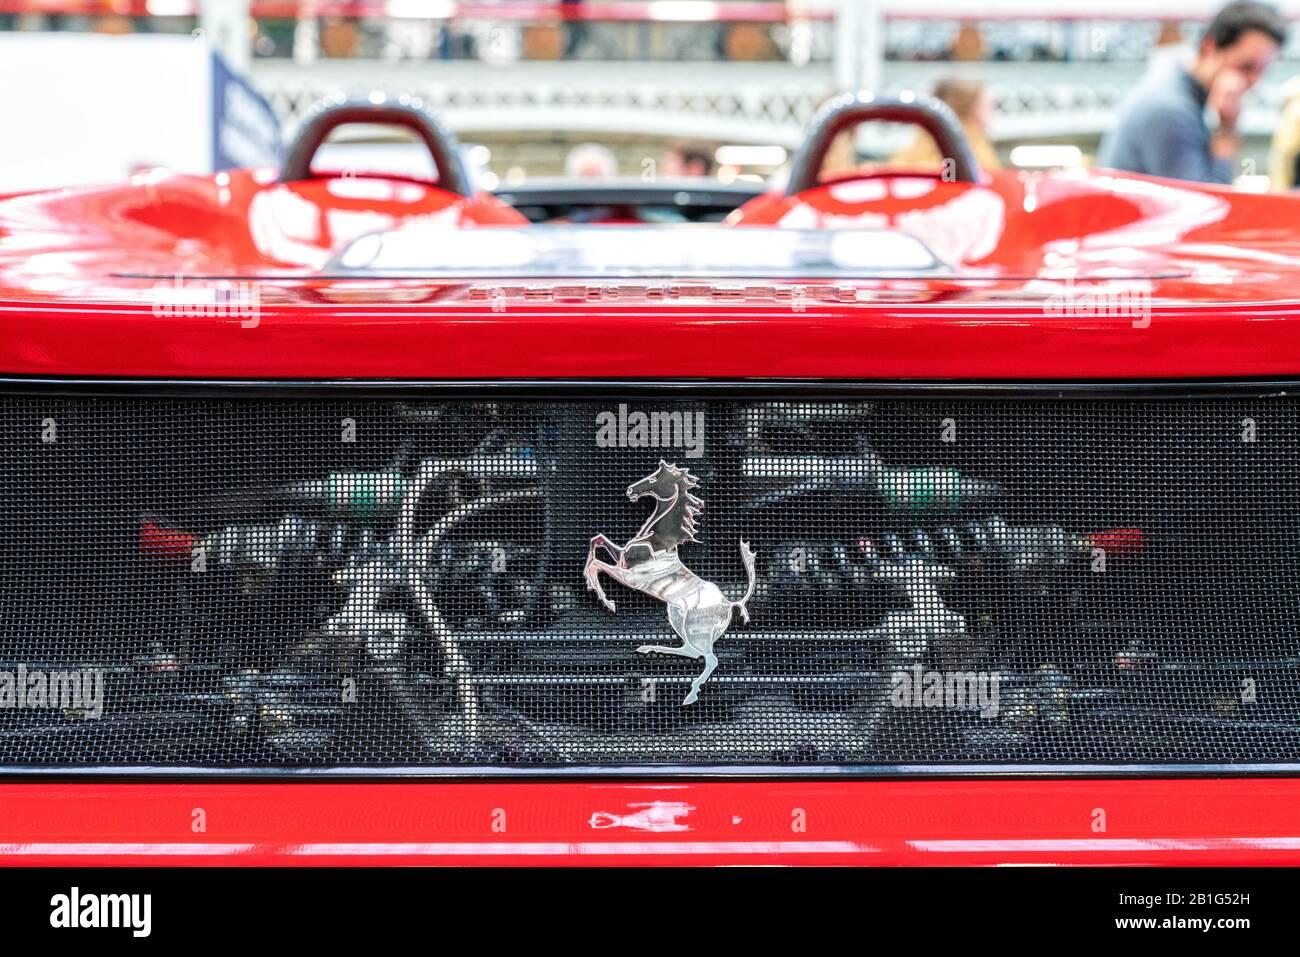 22 Feb 2020 - Londres, Reino Unido. Emblema de Ferrari y malla a través de un compartimiento del motor. Foto de stock